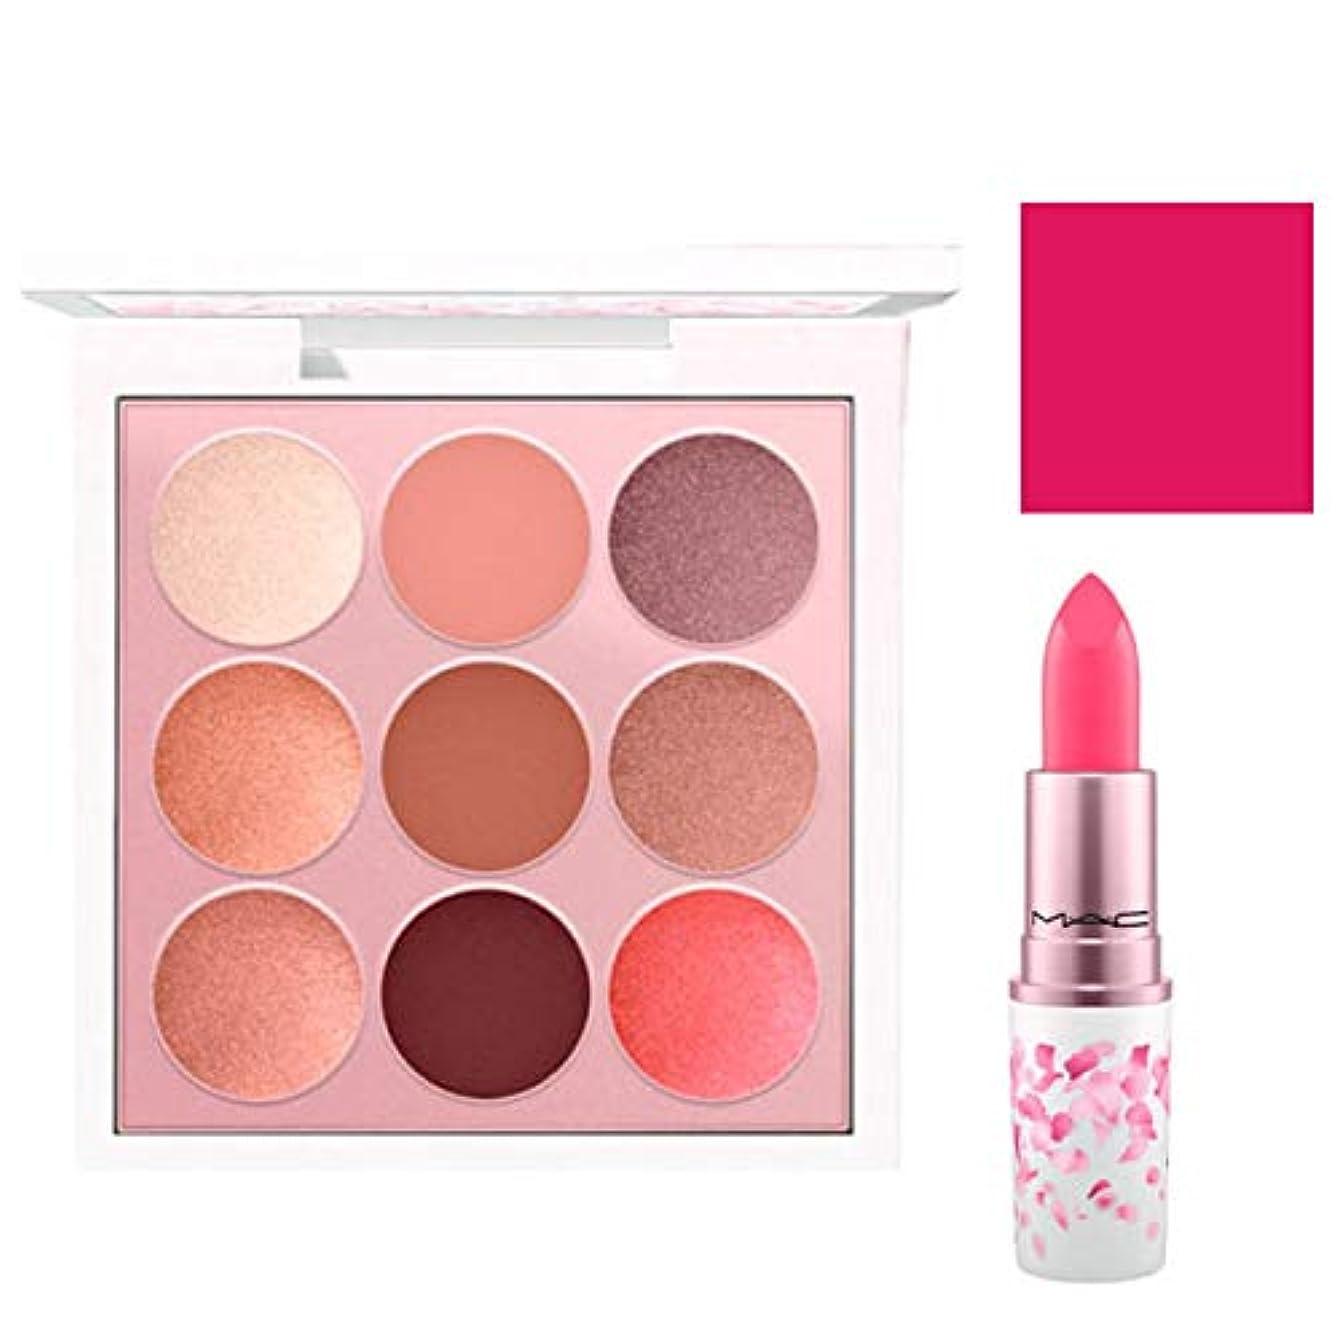 結紮財団花婿M.A.C 限定版, Boom, Boom, Bloom EyeShadow & Lipstick (Kabuki Doll Palette & Tsk Tsk!) [海外直送品] [並行輸入品]